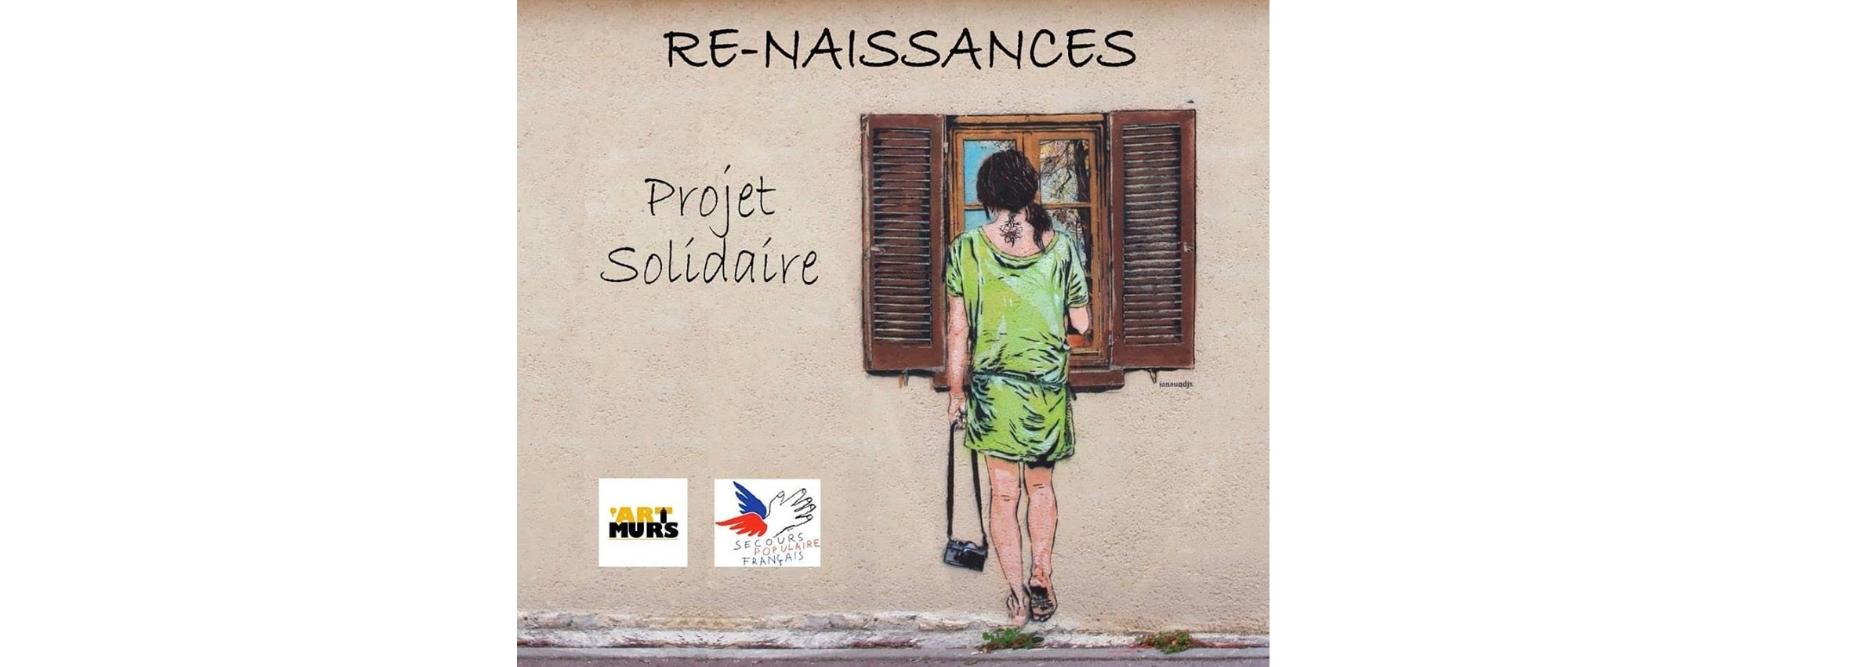 Affiche expo virtuelle Re-naissance par Art Murs et Secourps Populaire